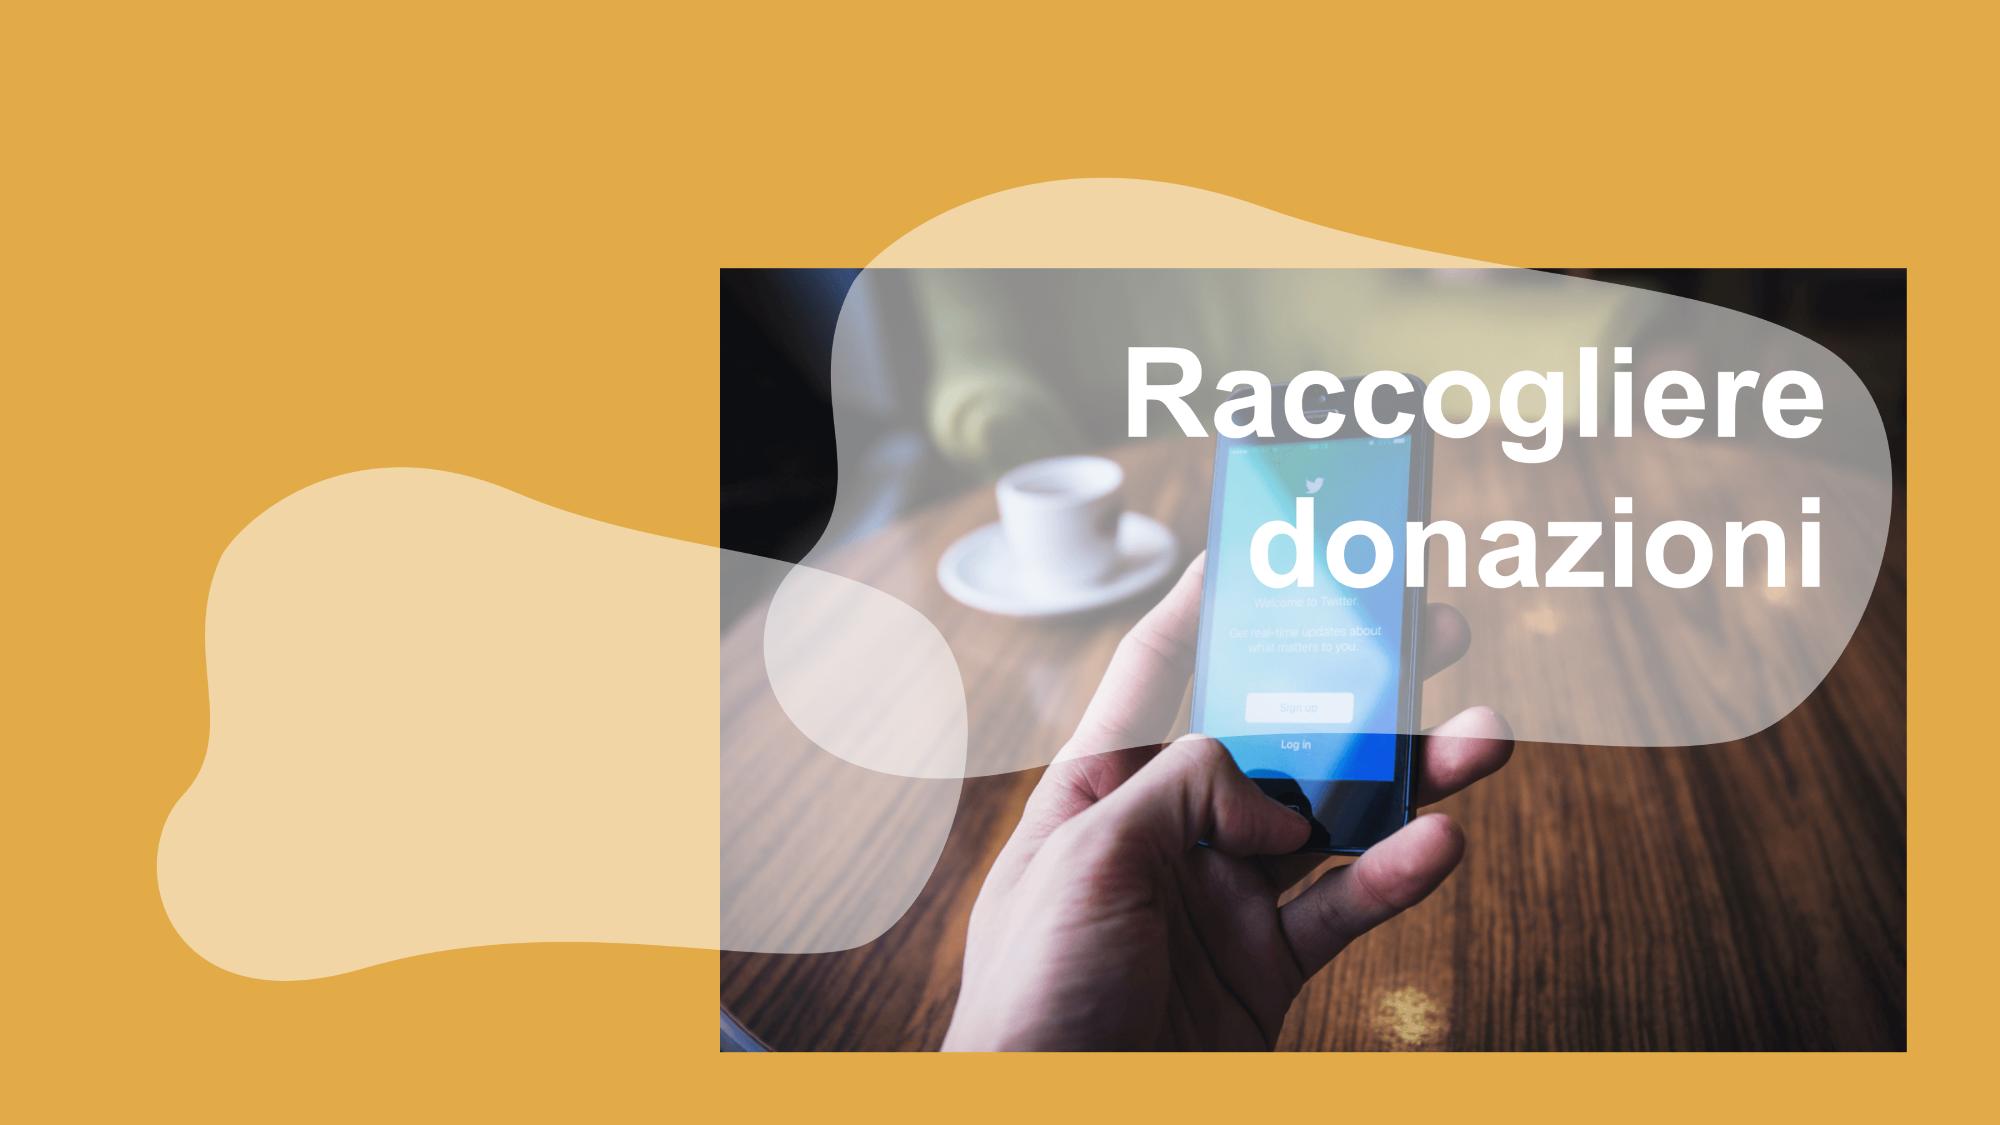 Raccogliere donazioni